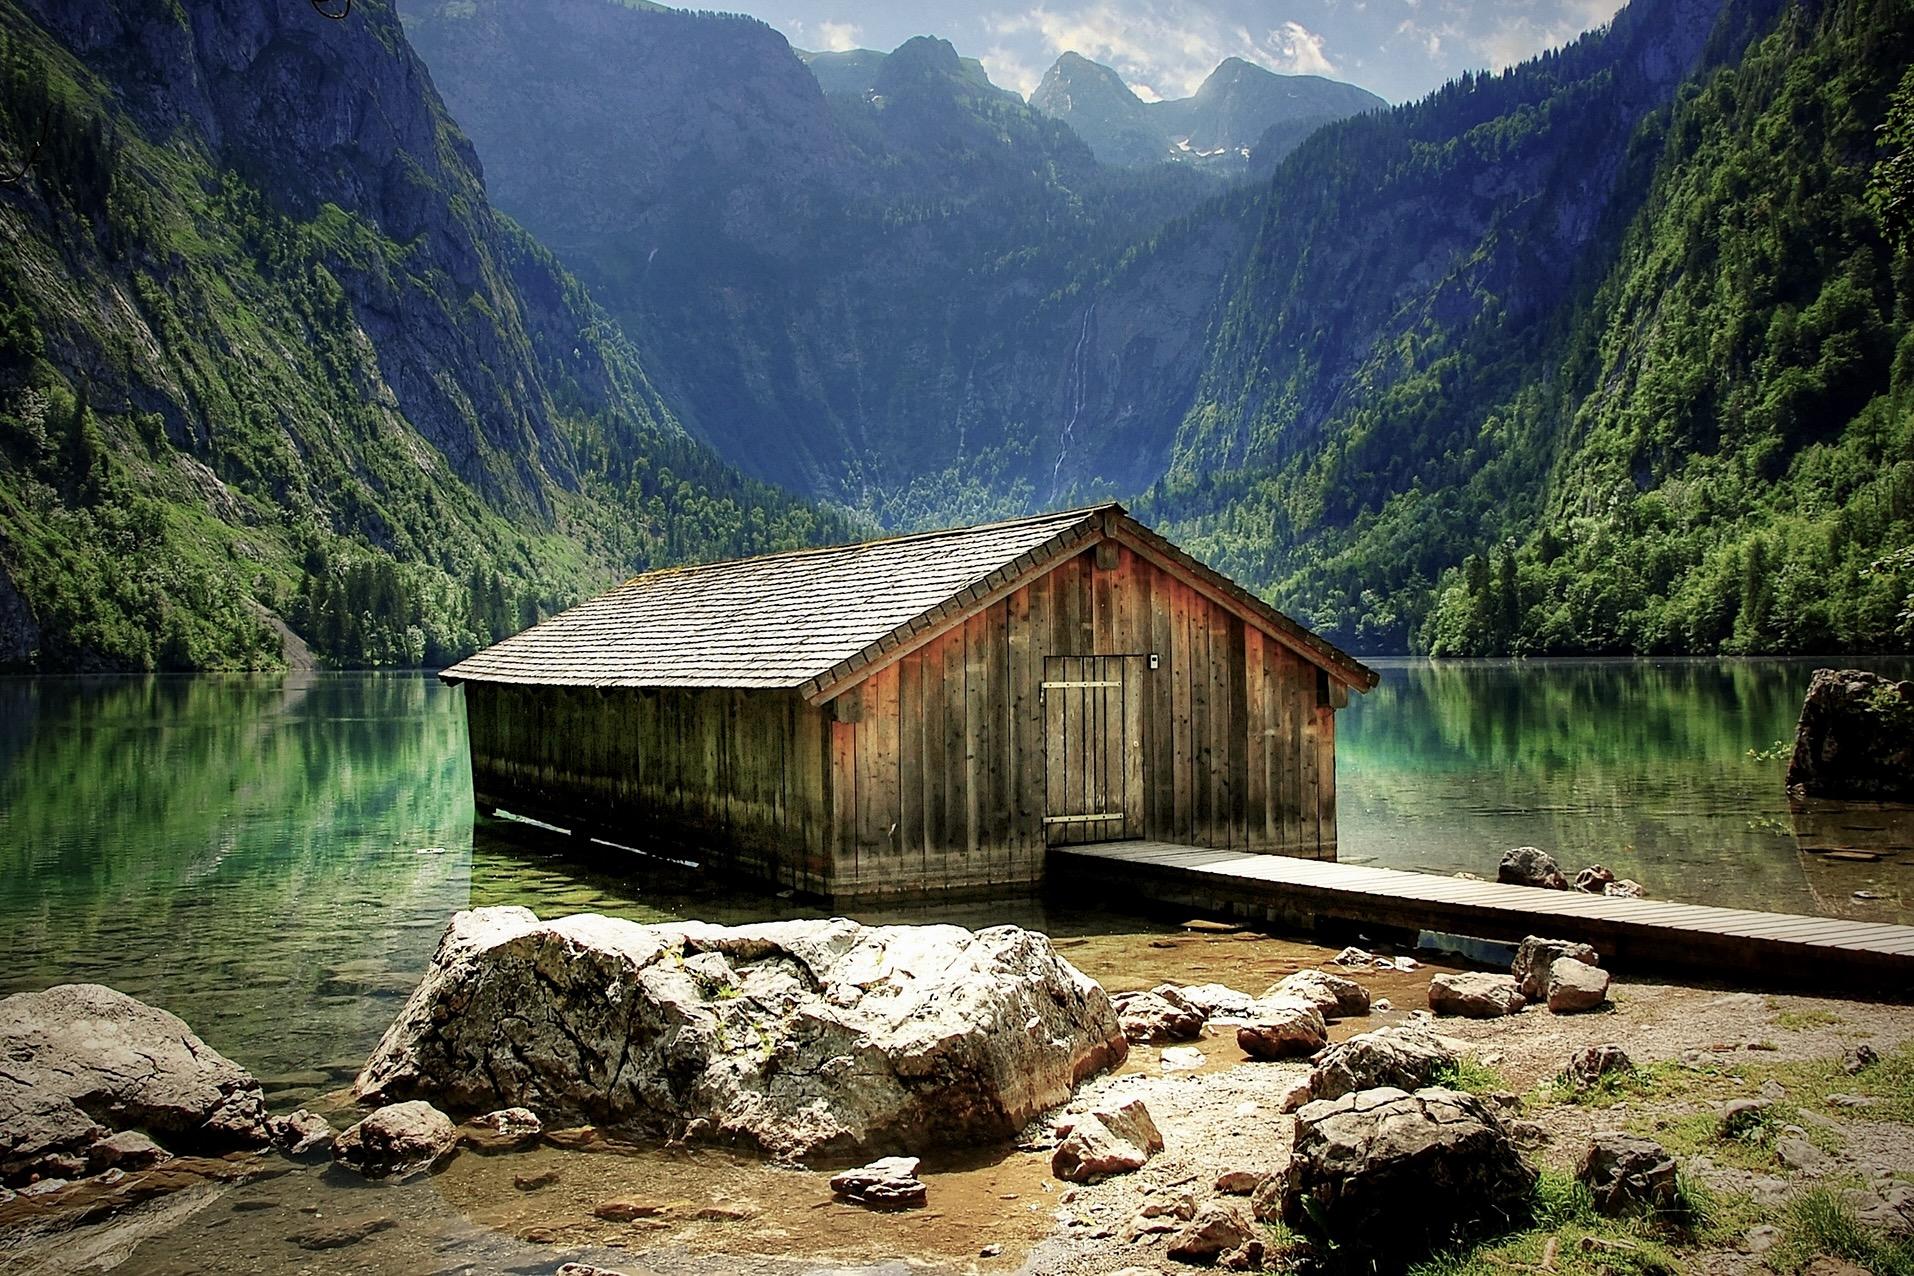 Die Hütte am Obersee beim Königssee ist auf Instagram beliebt